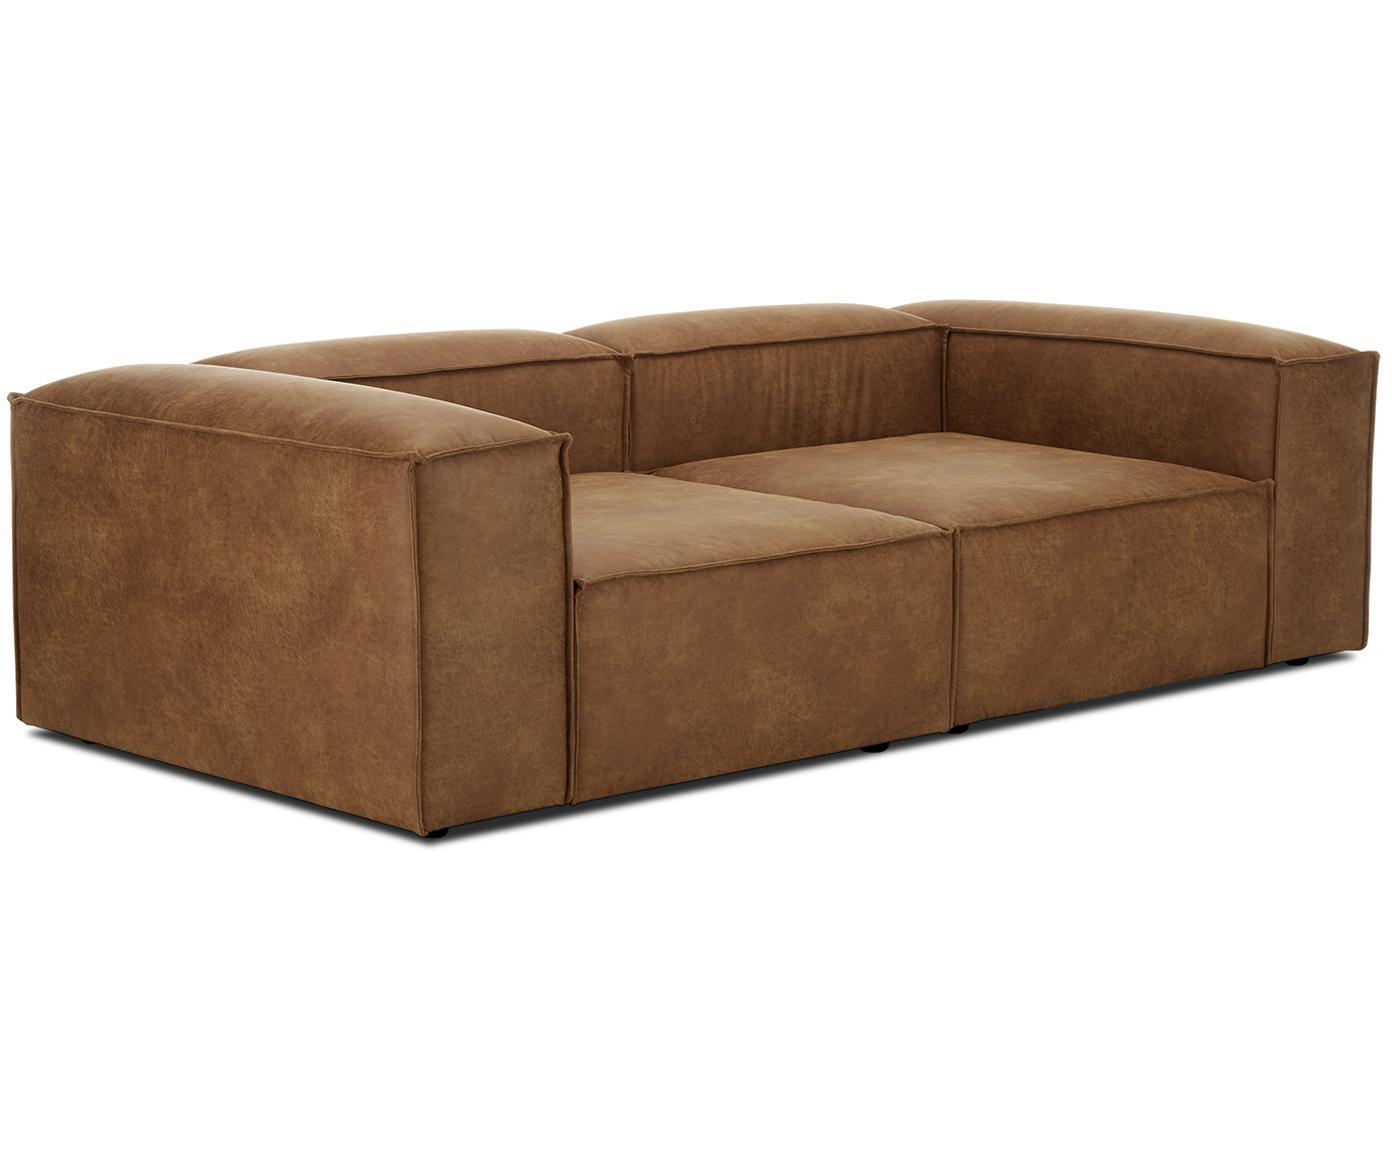 Sofa modułowa ze skóry Lennon (3-osobowa), Tapicerka: 70% skóra, 30% poliester , Stelaż: lite drewno sosnowe, płyt, Nogi: tworzywo sztuczne, Brązowy, S 238 x G 119 cm